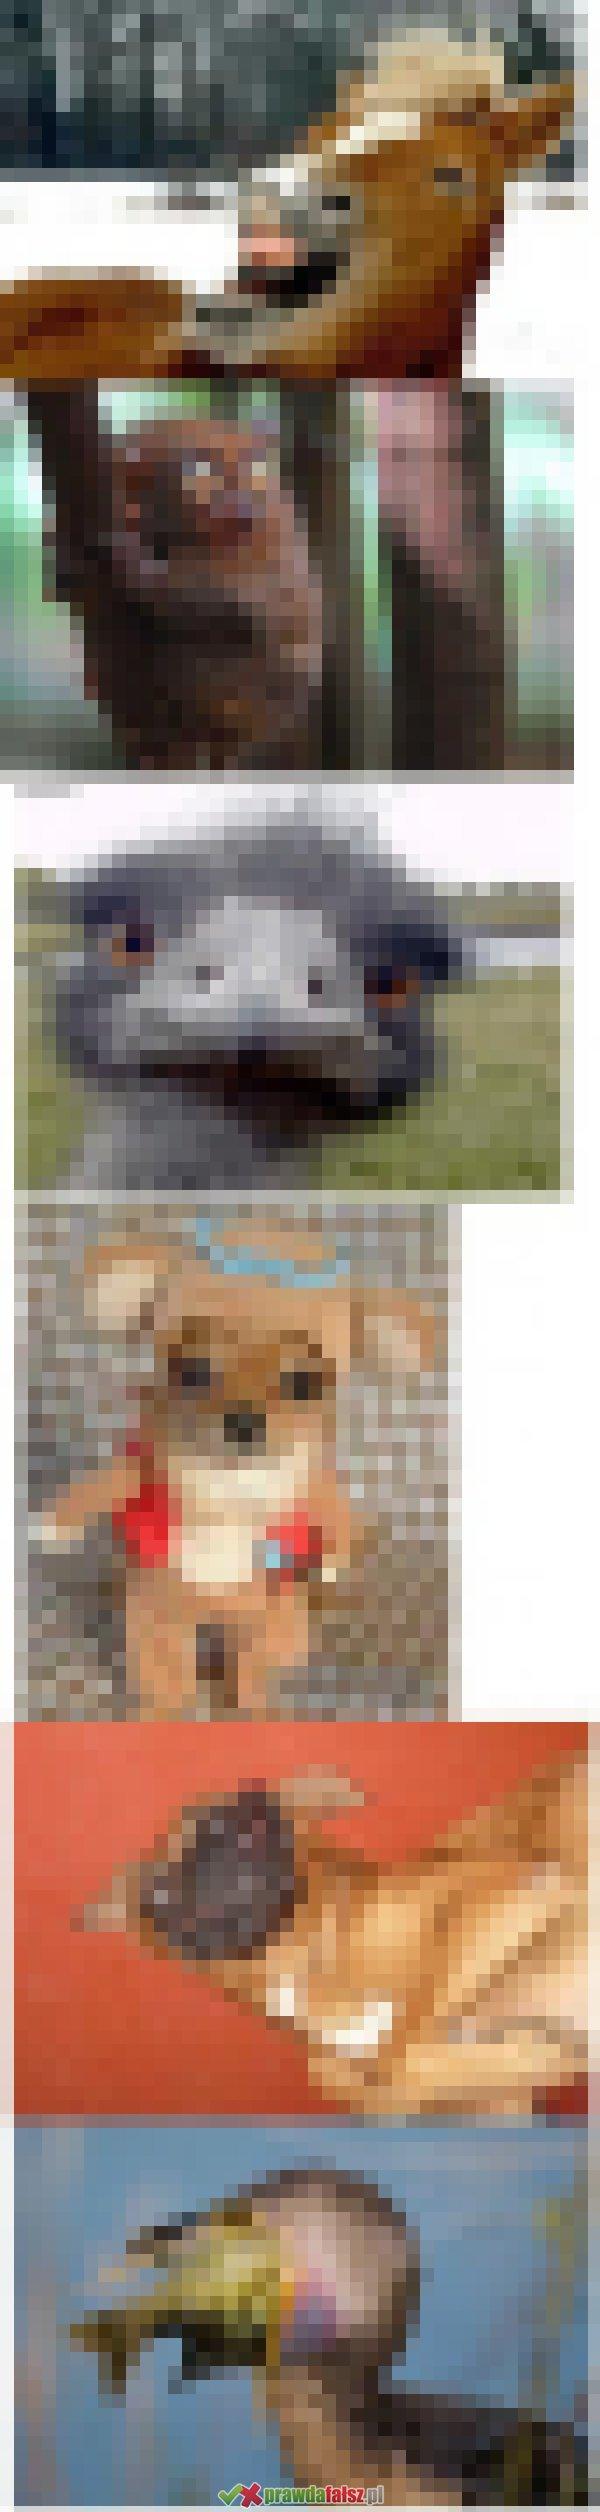 Czy te zwierzęta są prawdziwe?